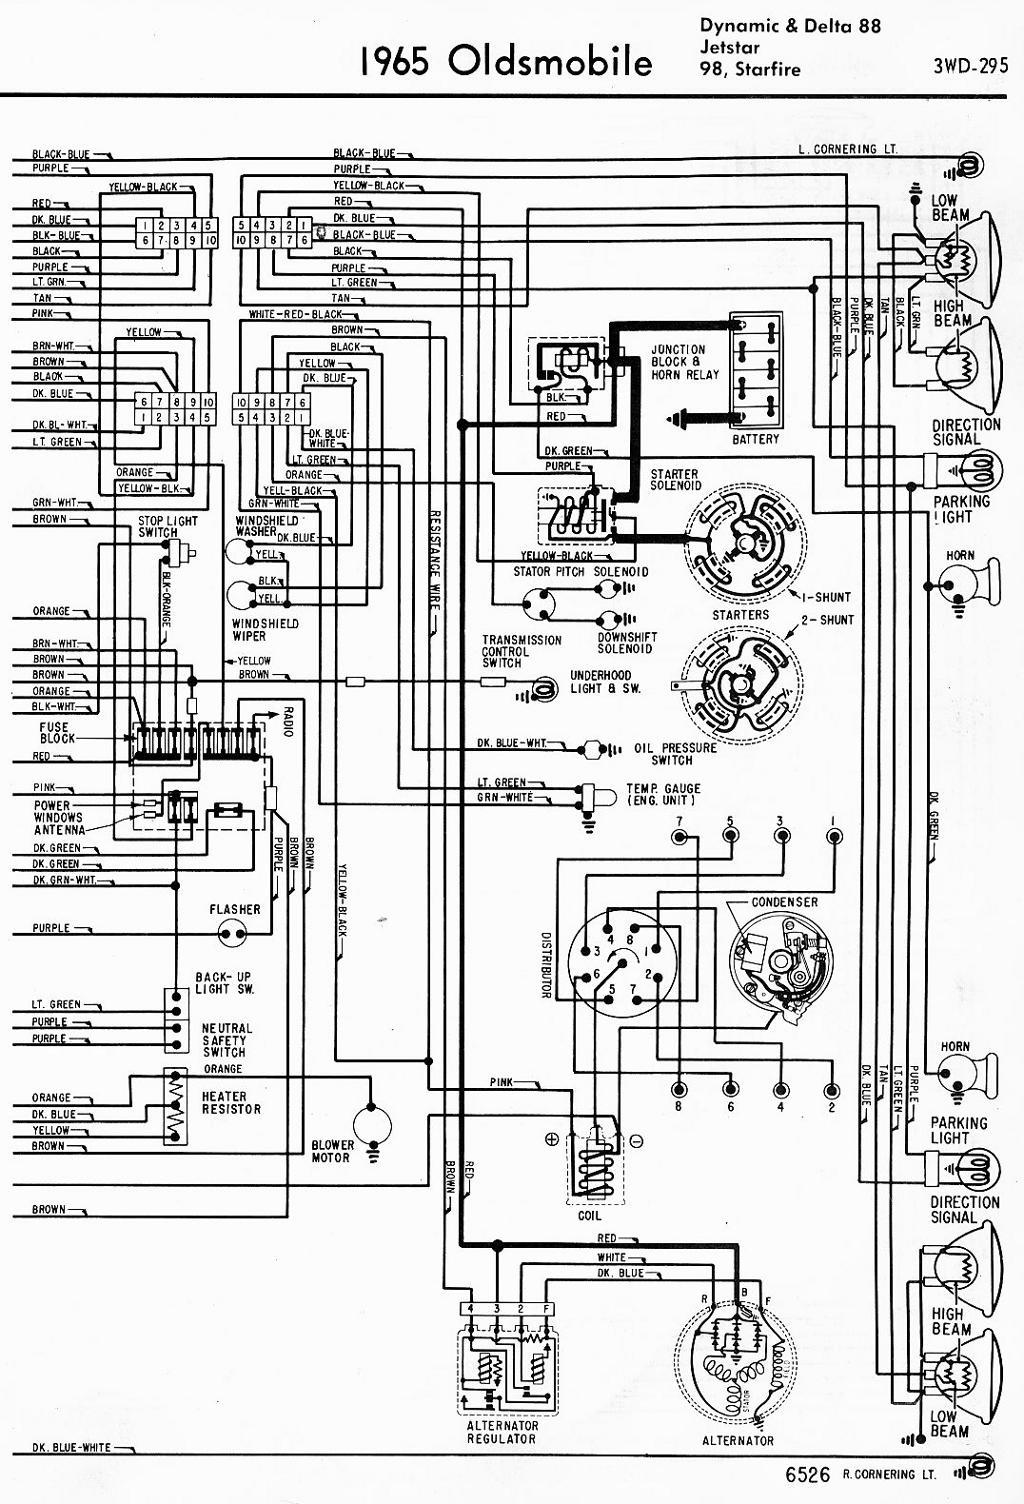 small resolution of 2004 oldsmobile alero wiring diagram wiring library rh 50 skriptoase de 2004 alero fuel pump wiring diagram 2004 alero radio wiring diagram